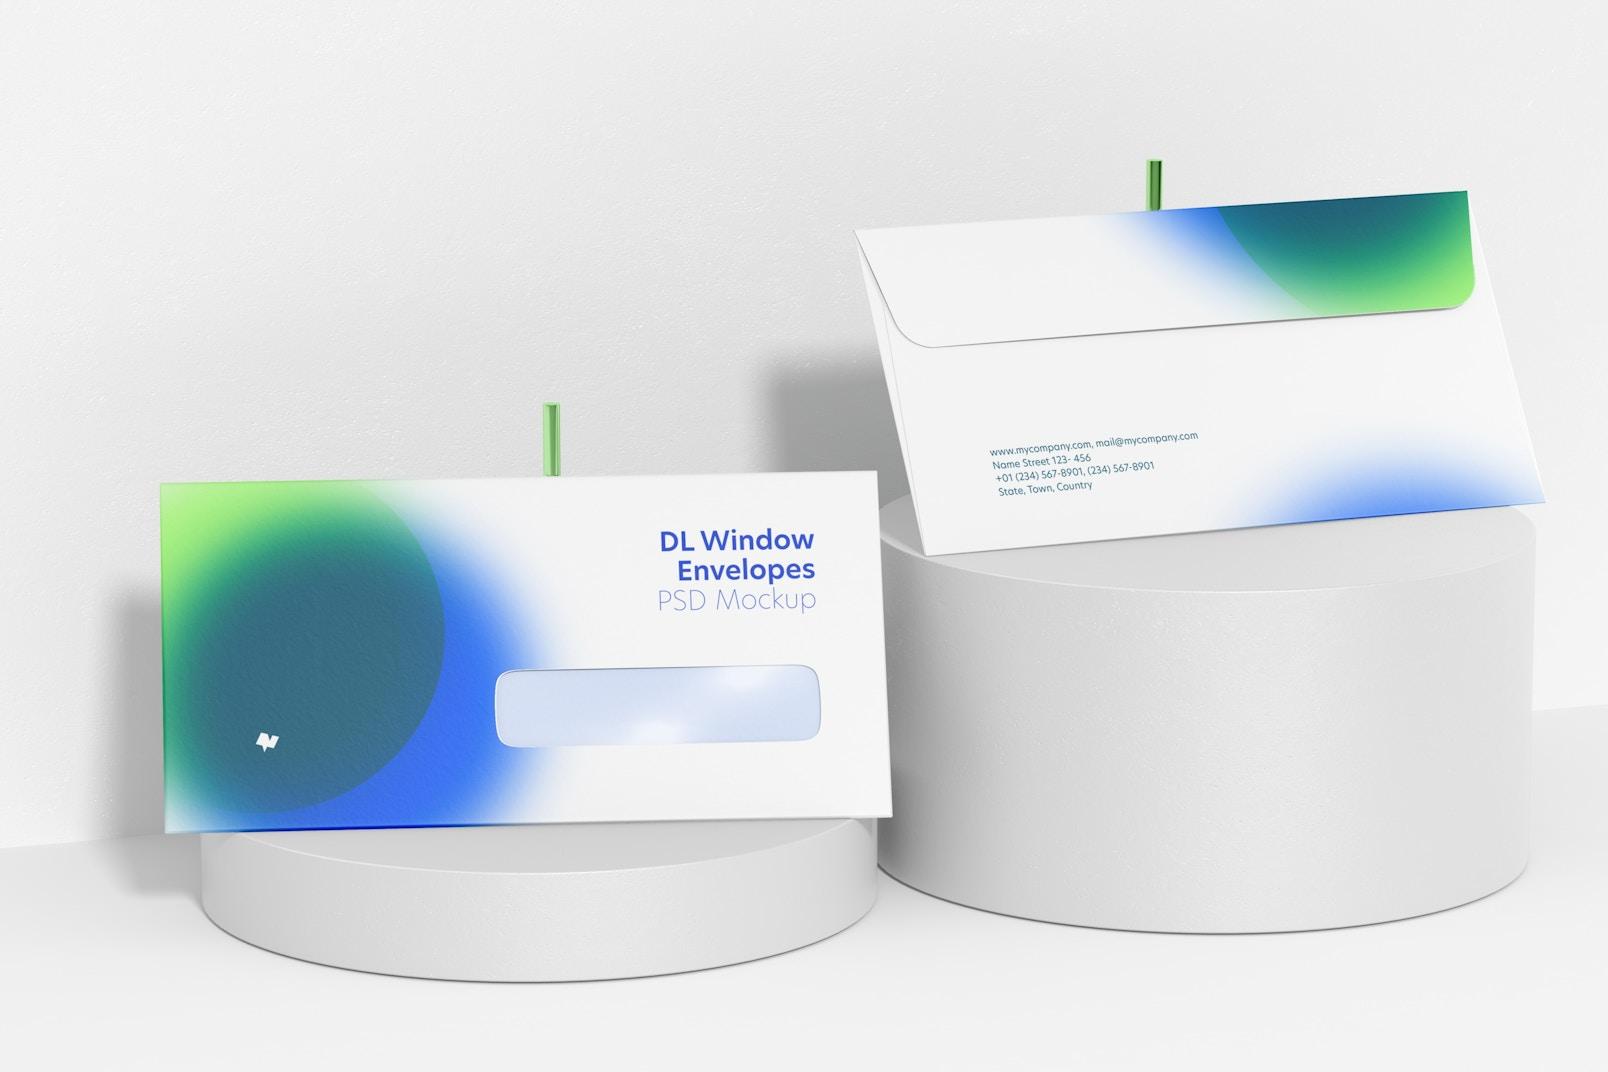 DL Window Envelopes Mockup